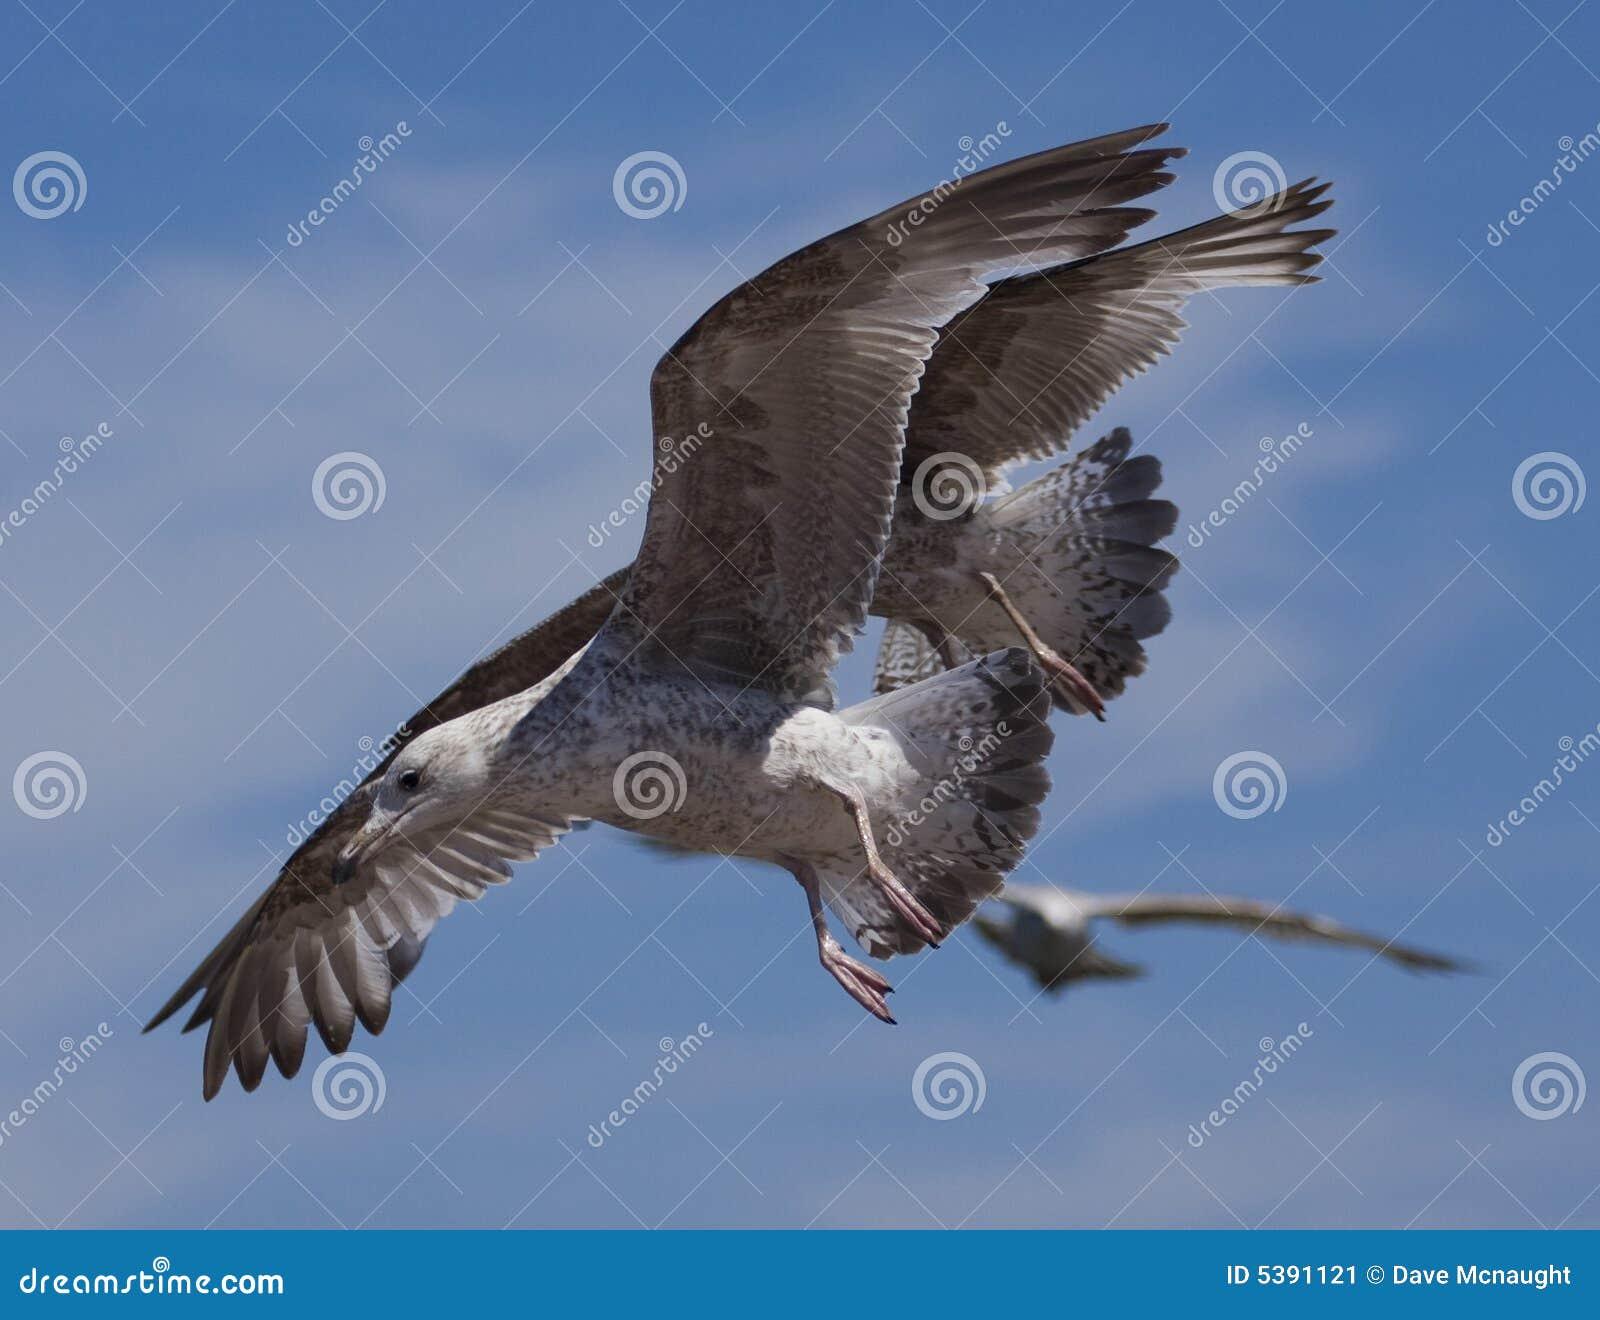 Seagullfåglar i flyg